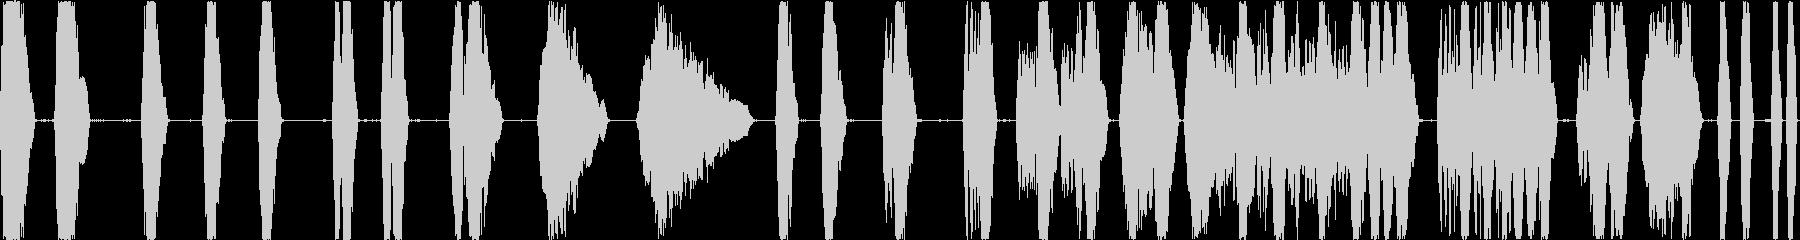 レーザーバトルタンクショットの未再生の波形